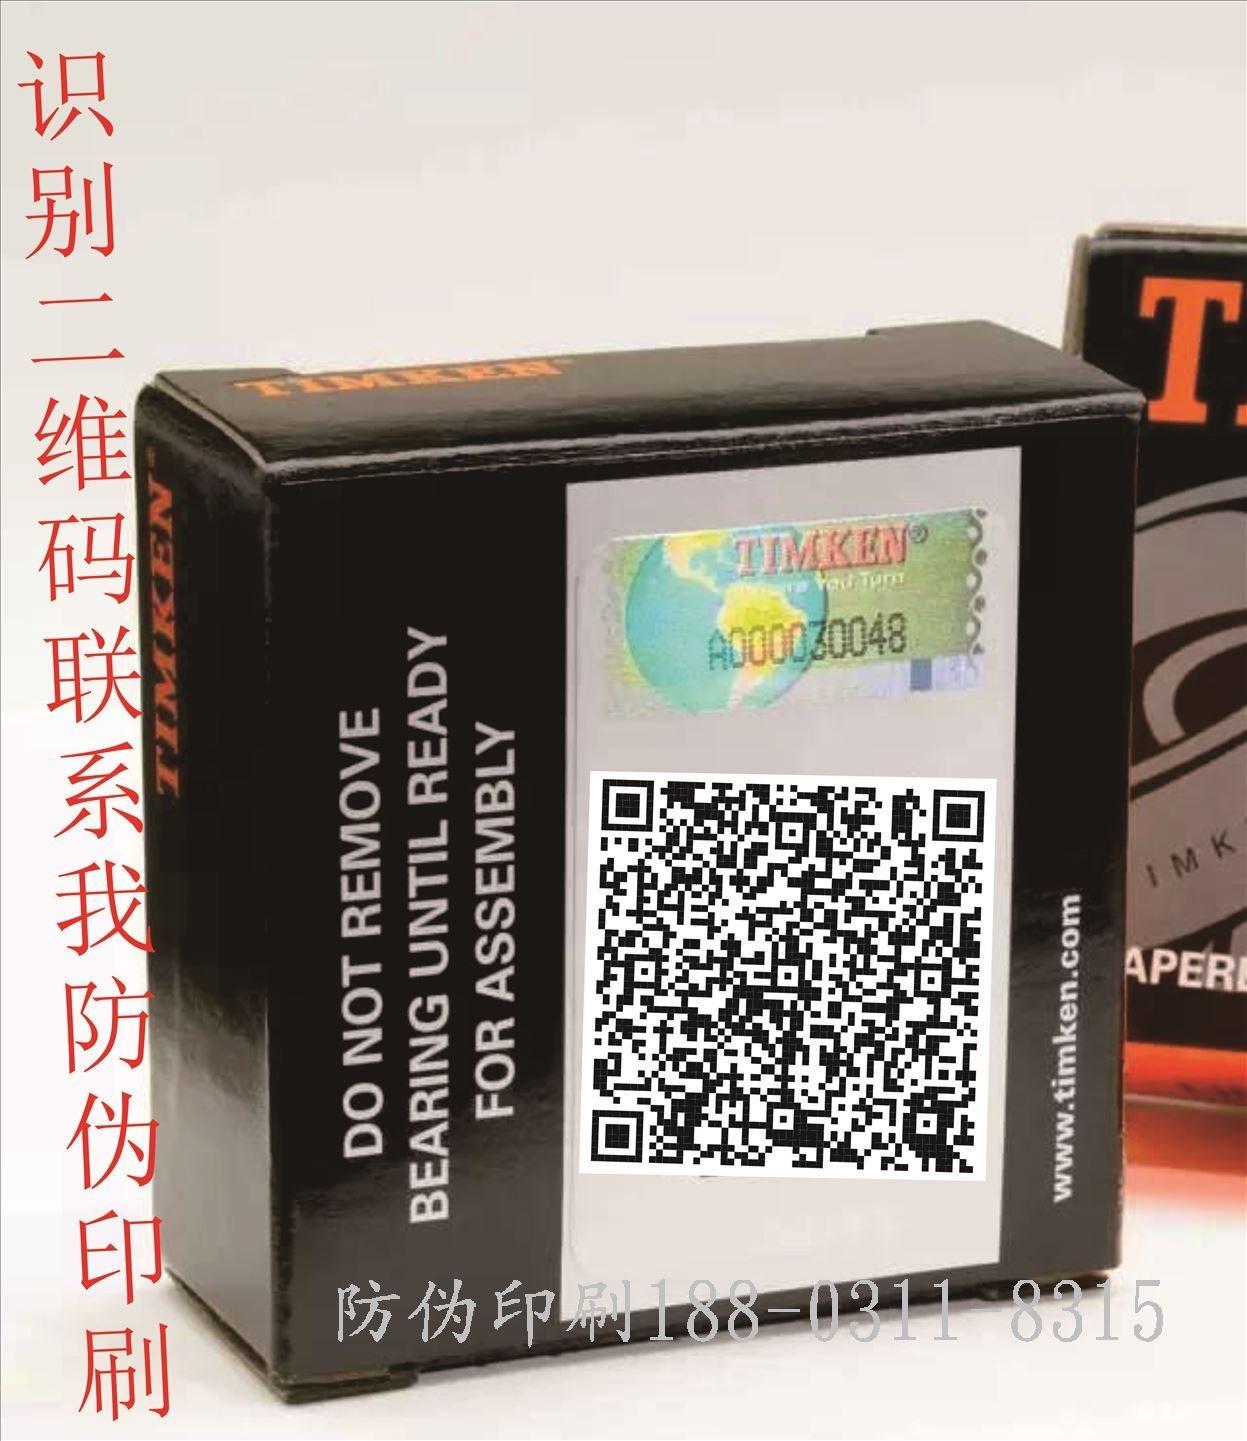 自贡市瓷砖厂贝博德甲合格证_瓷砖出厂合格证